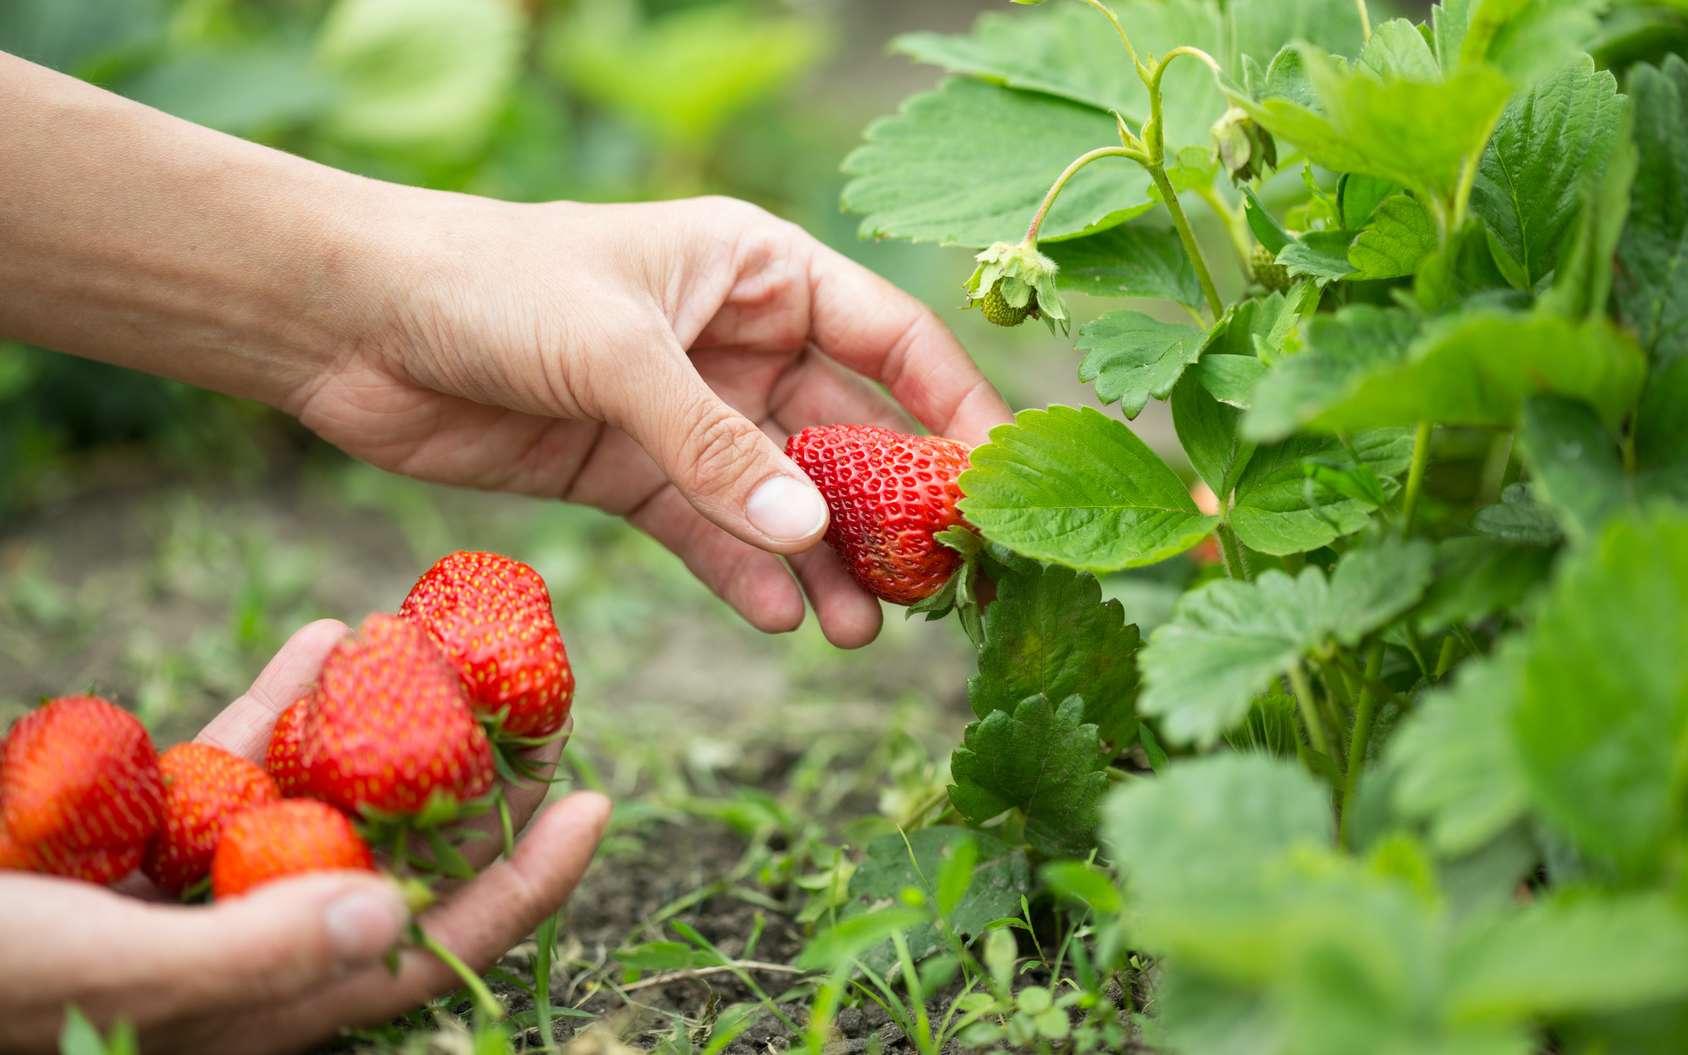 L'automne est la saison idéale pour planter des pieds de fraisiers. © Evgenia Tiplyashina, Fotolia